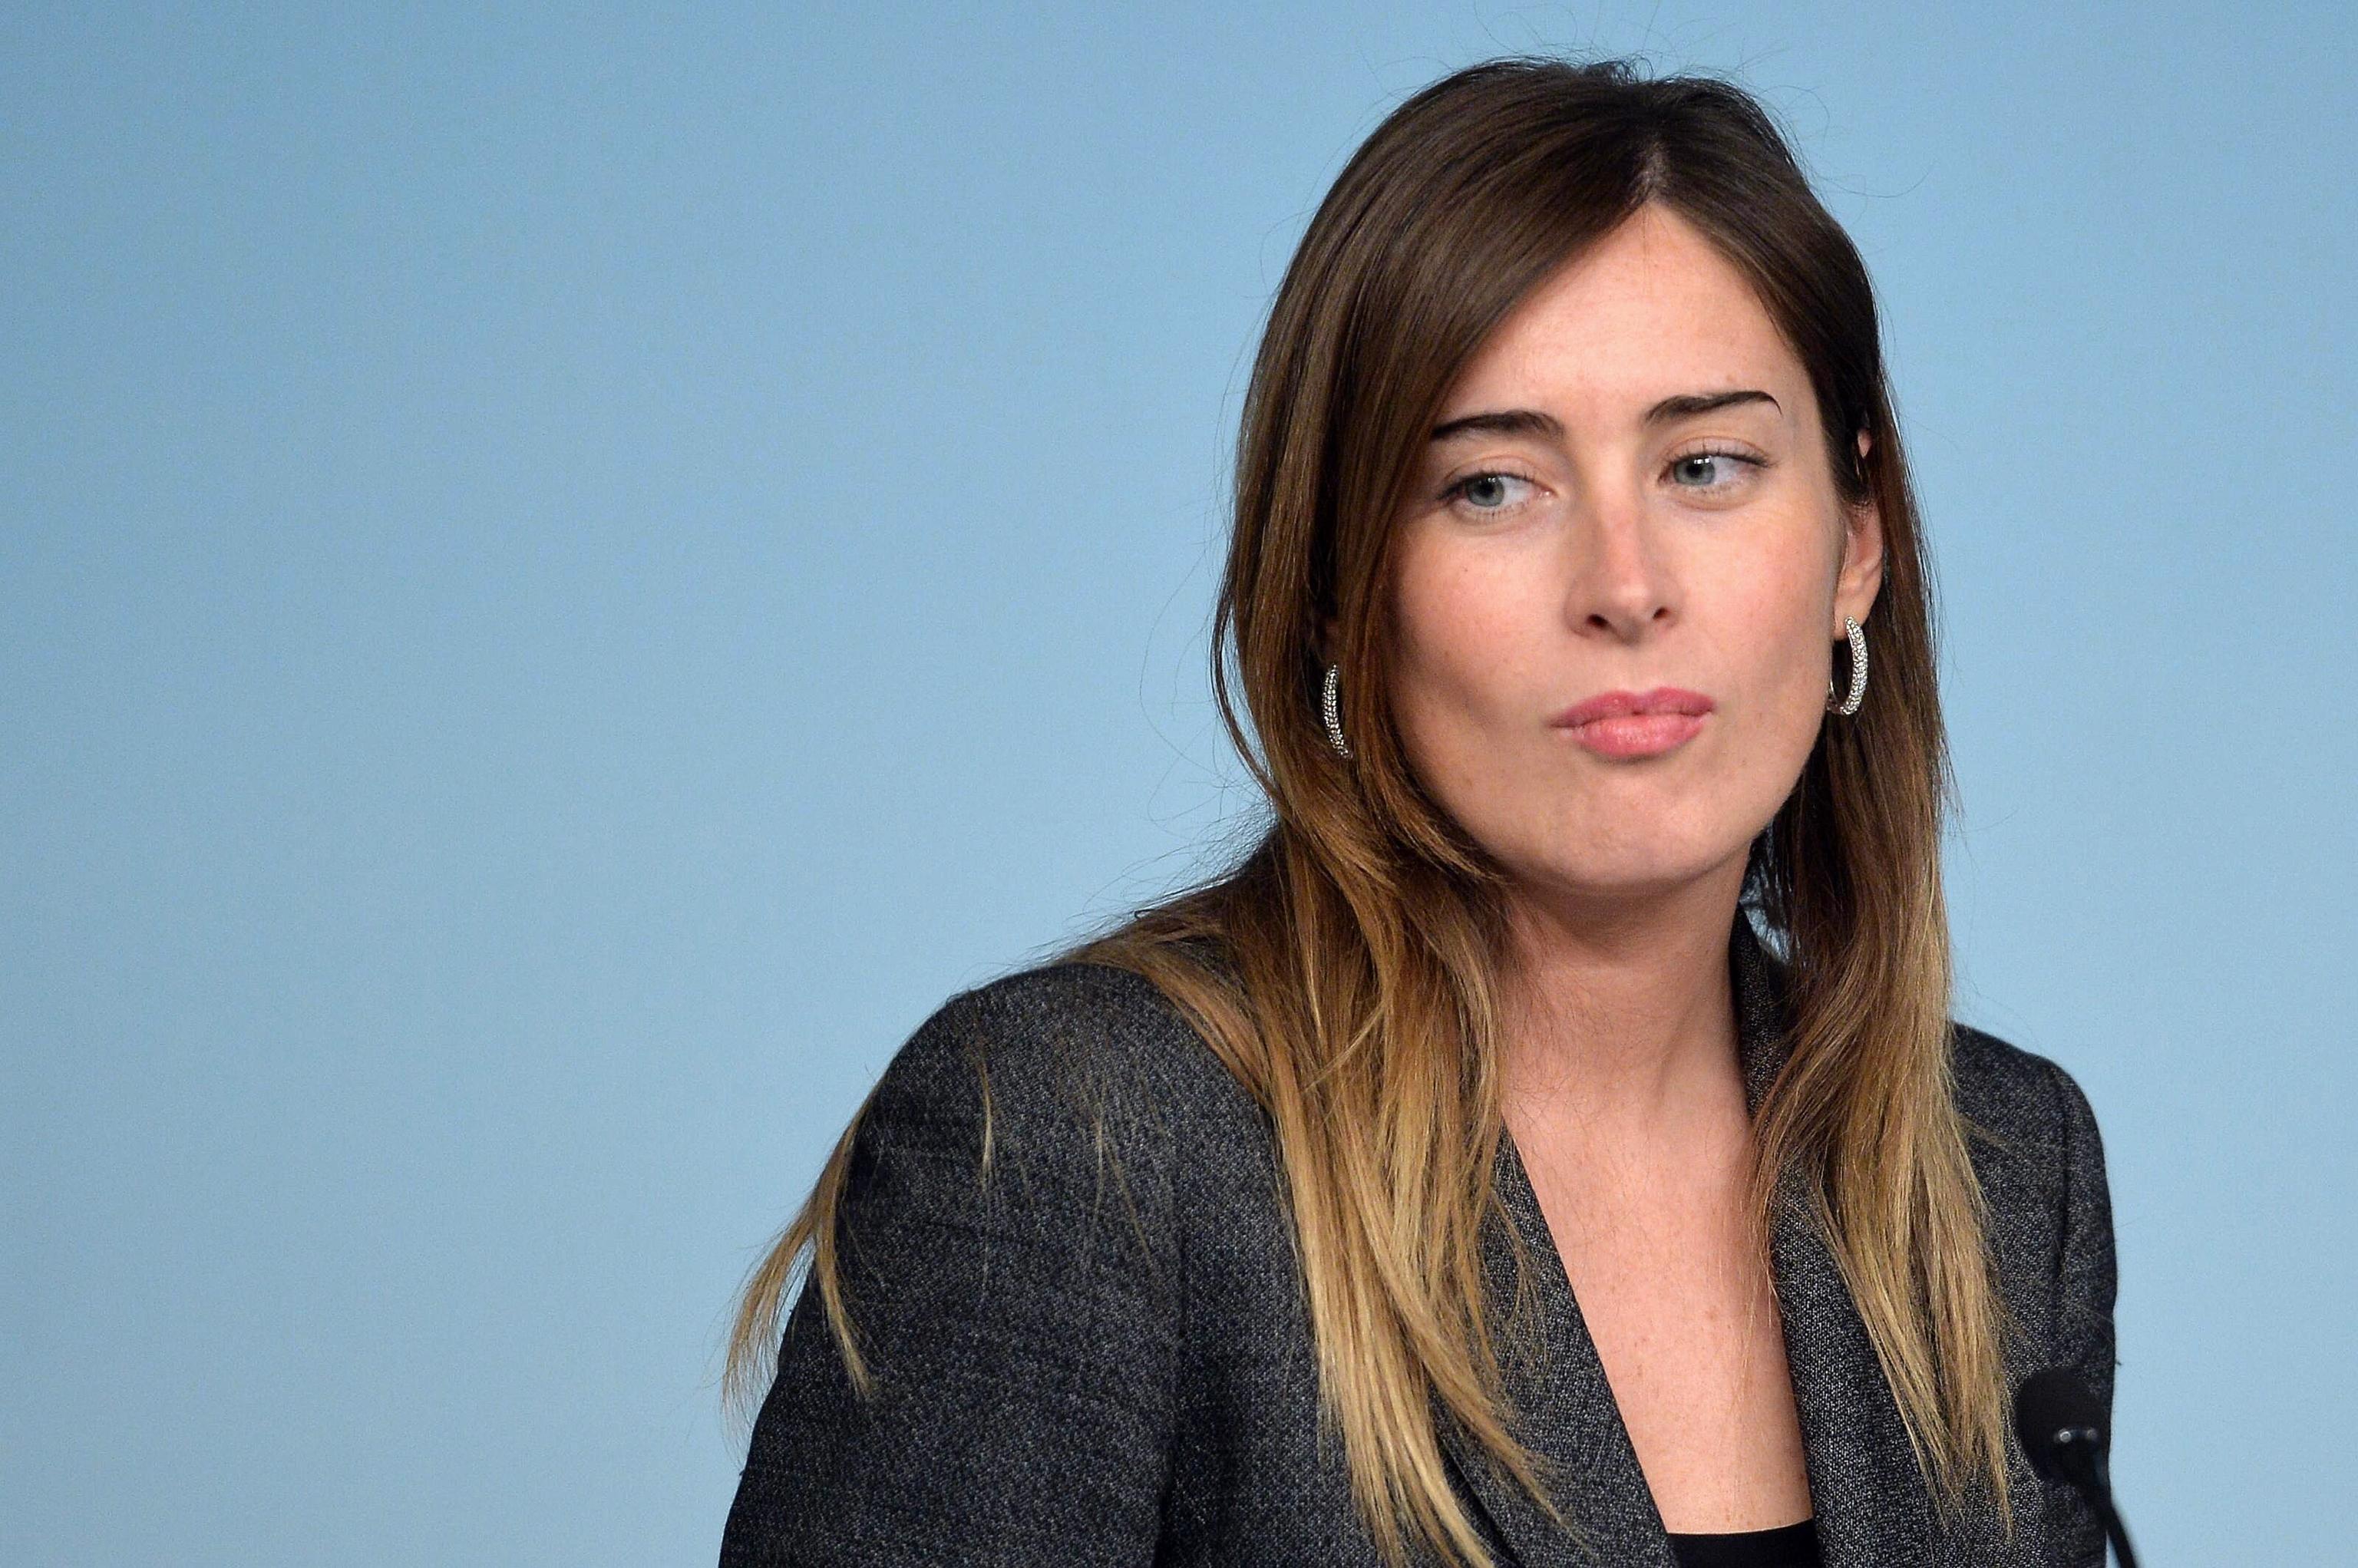 Maria Elena Boschi, il Ministro al centro delle polemiche (www.ilgiornale.it)